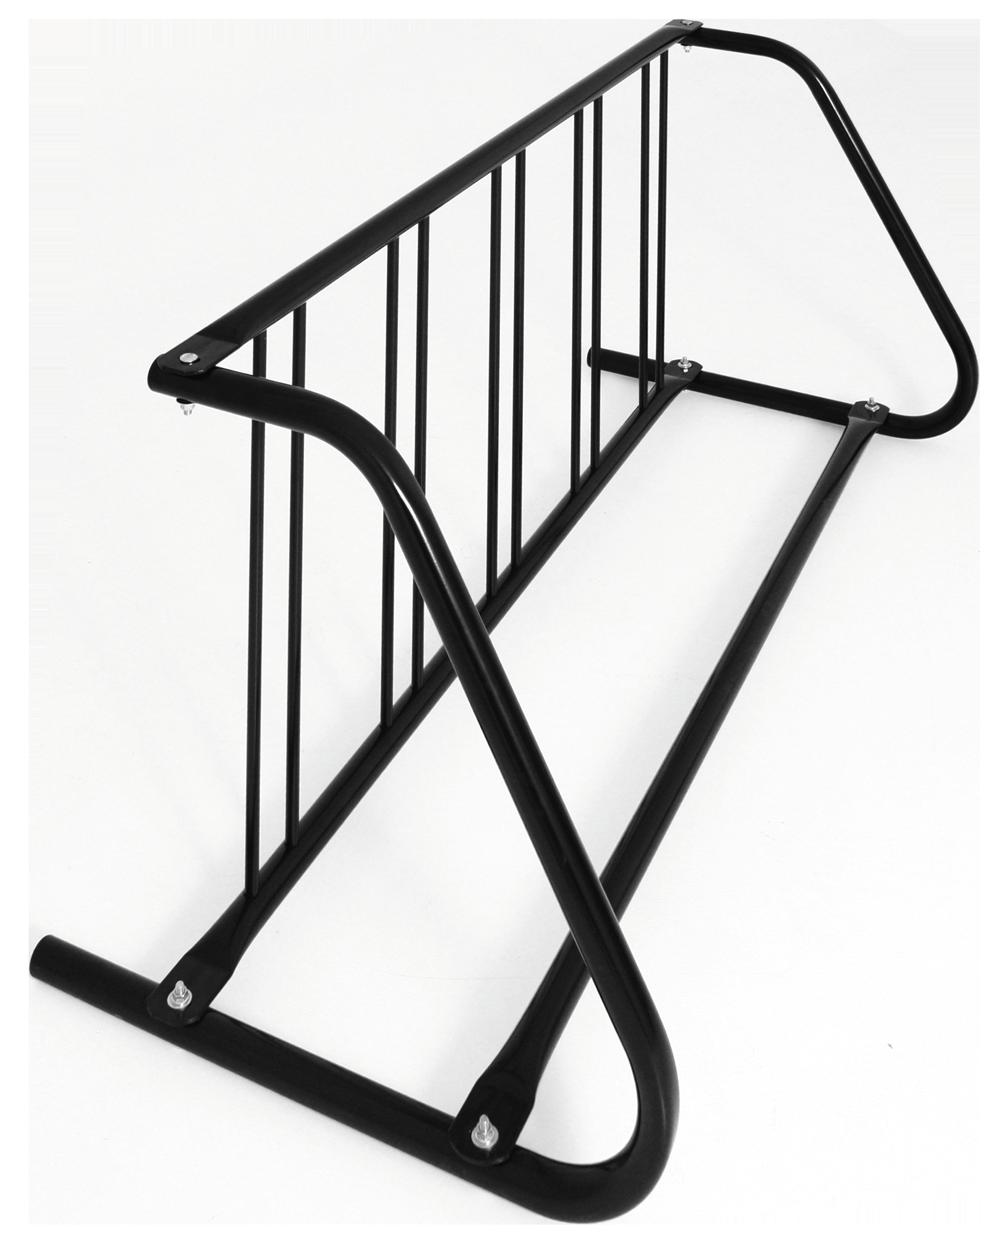 5-Bike Single-Sided Grid Bike Rack